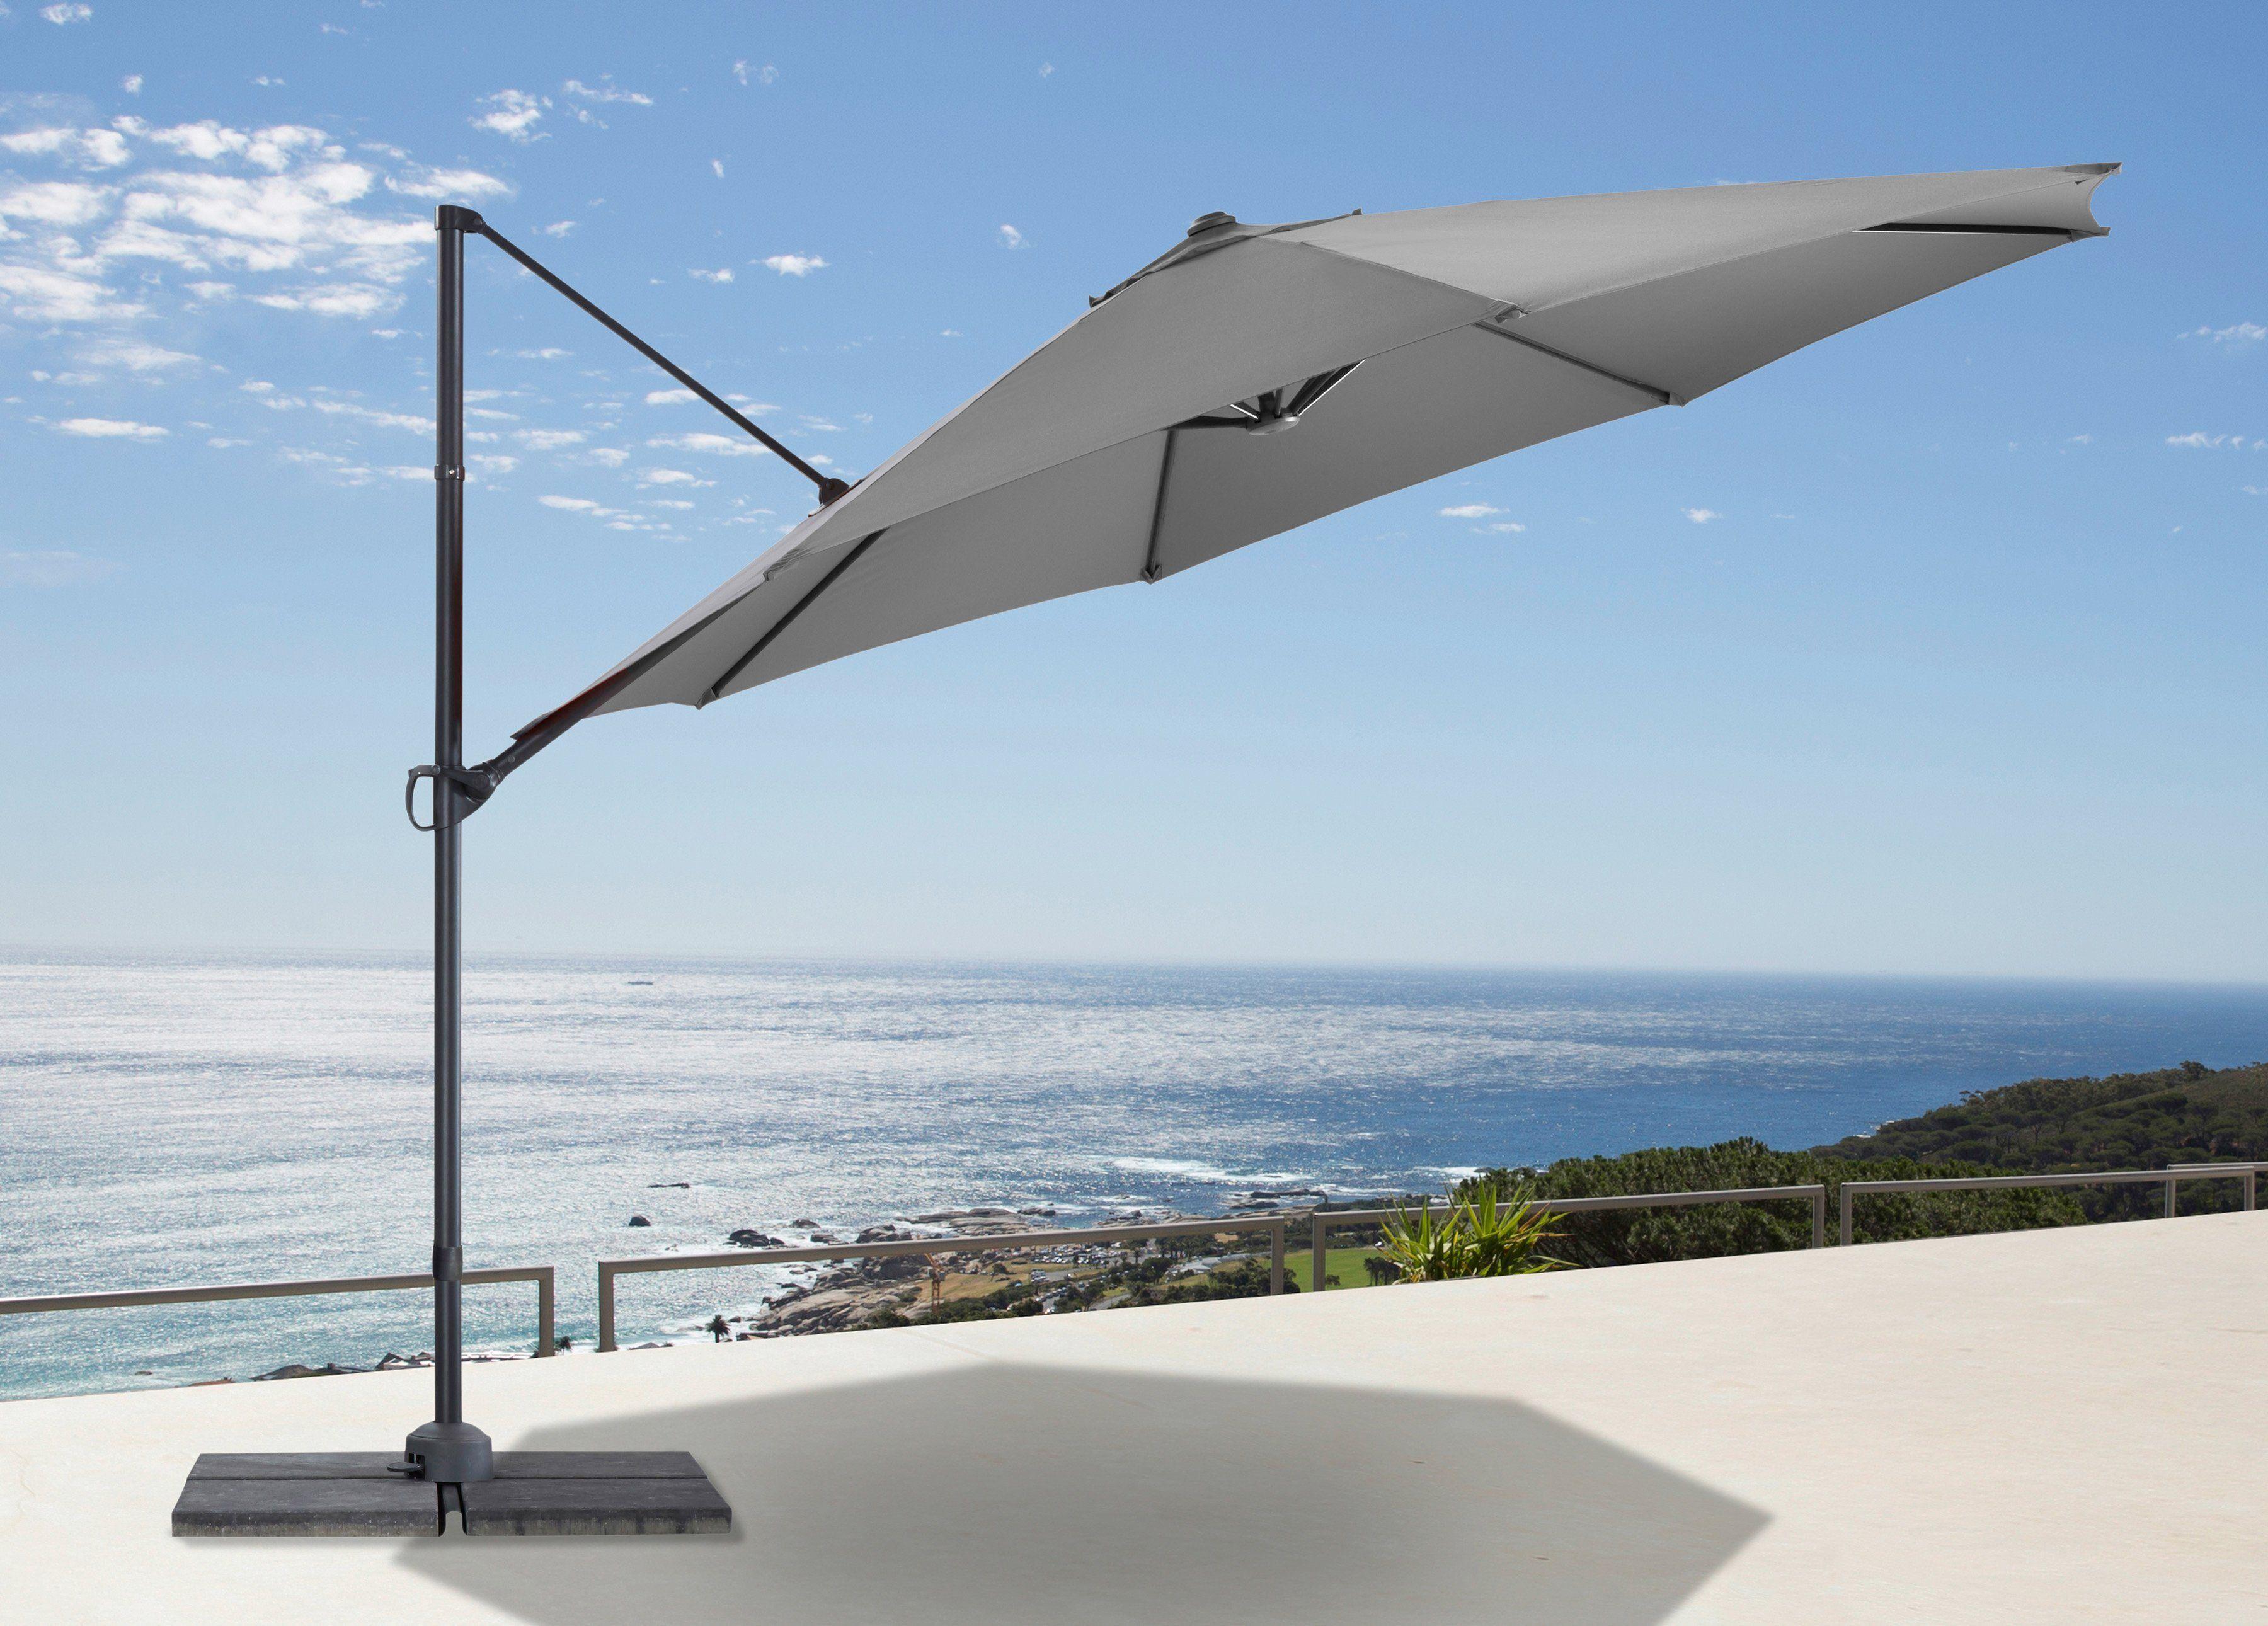 garten gut Ampelschirm »Marbella«, Ø 350 cm, grau